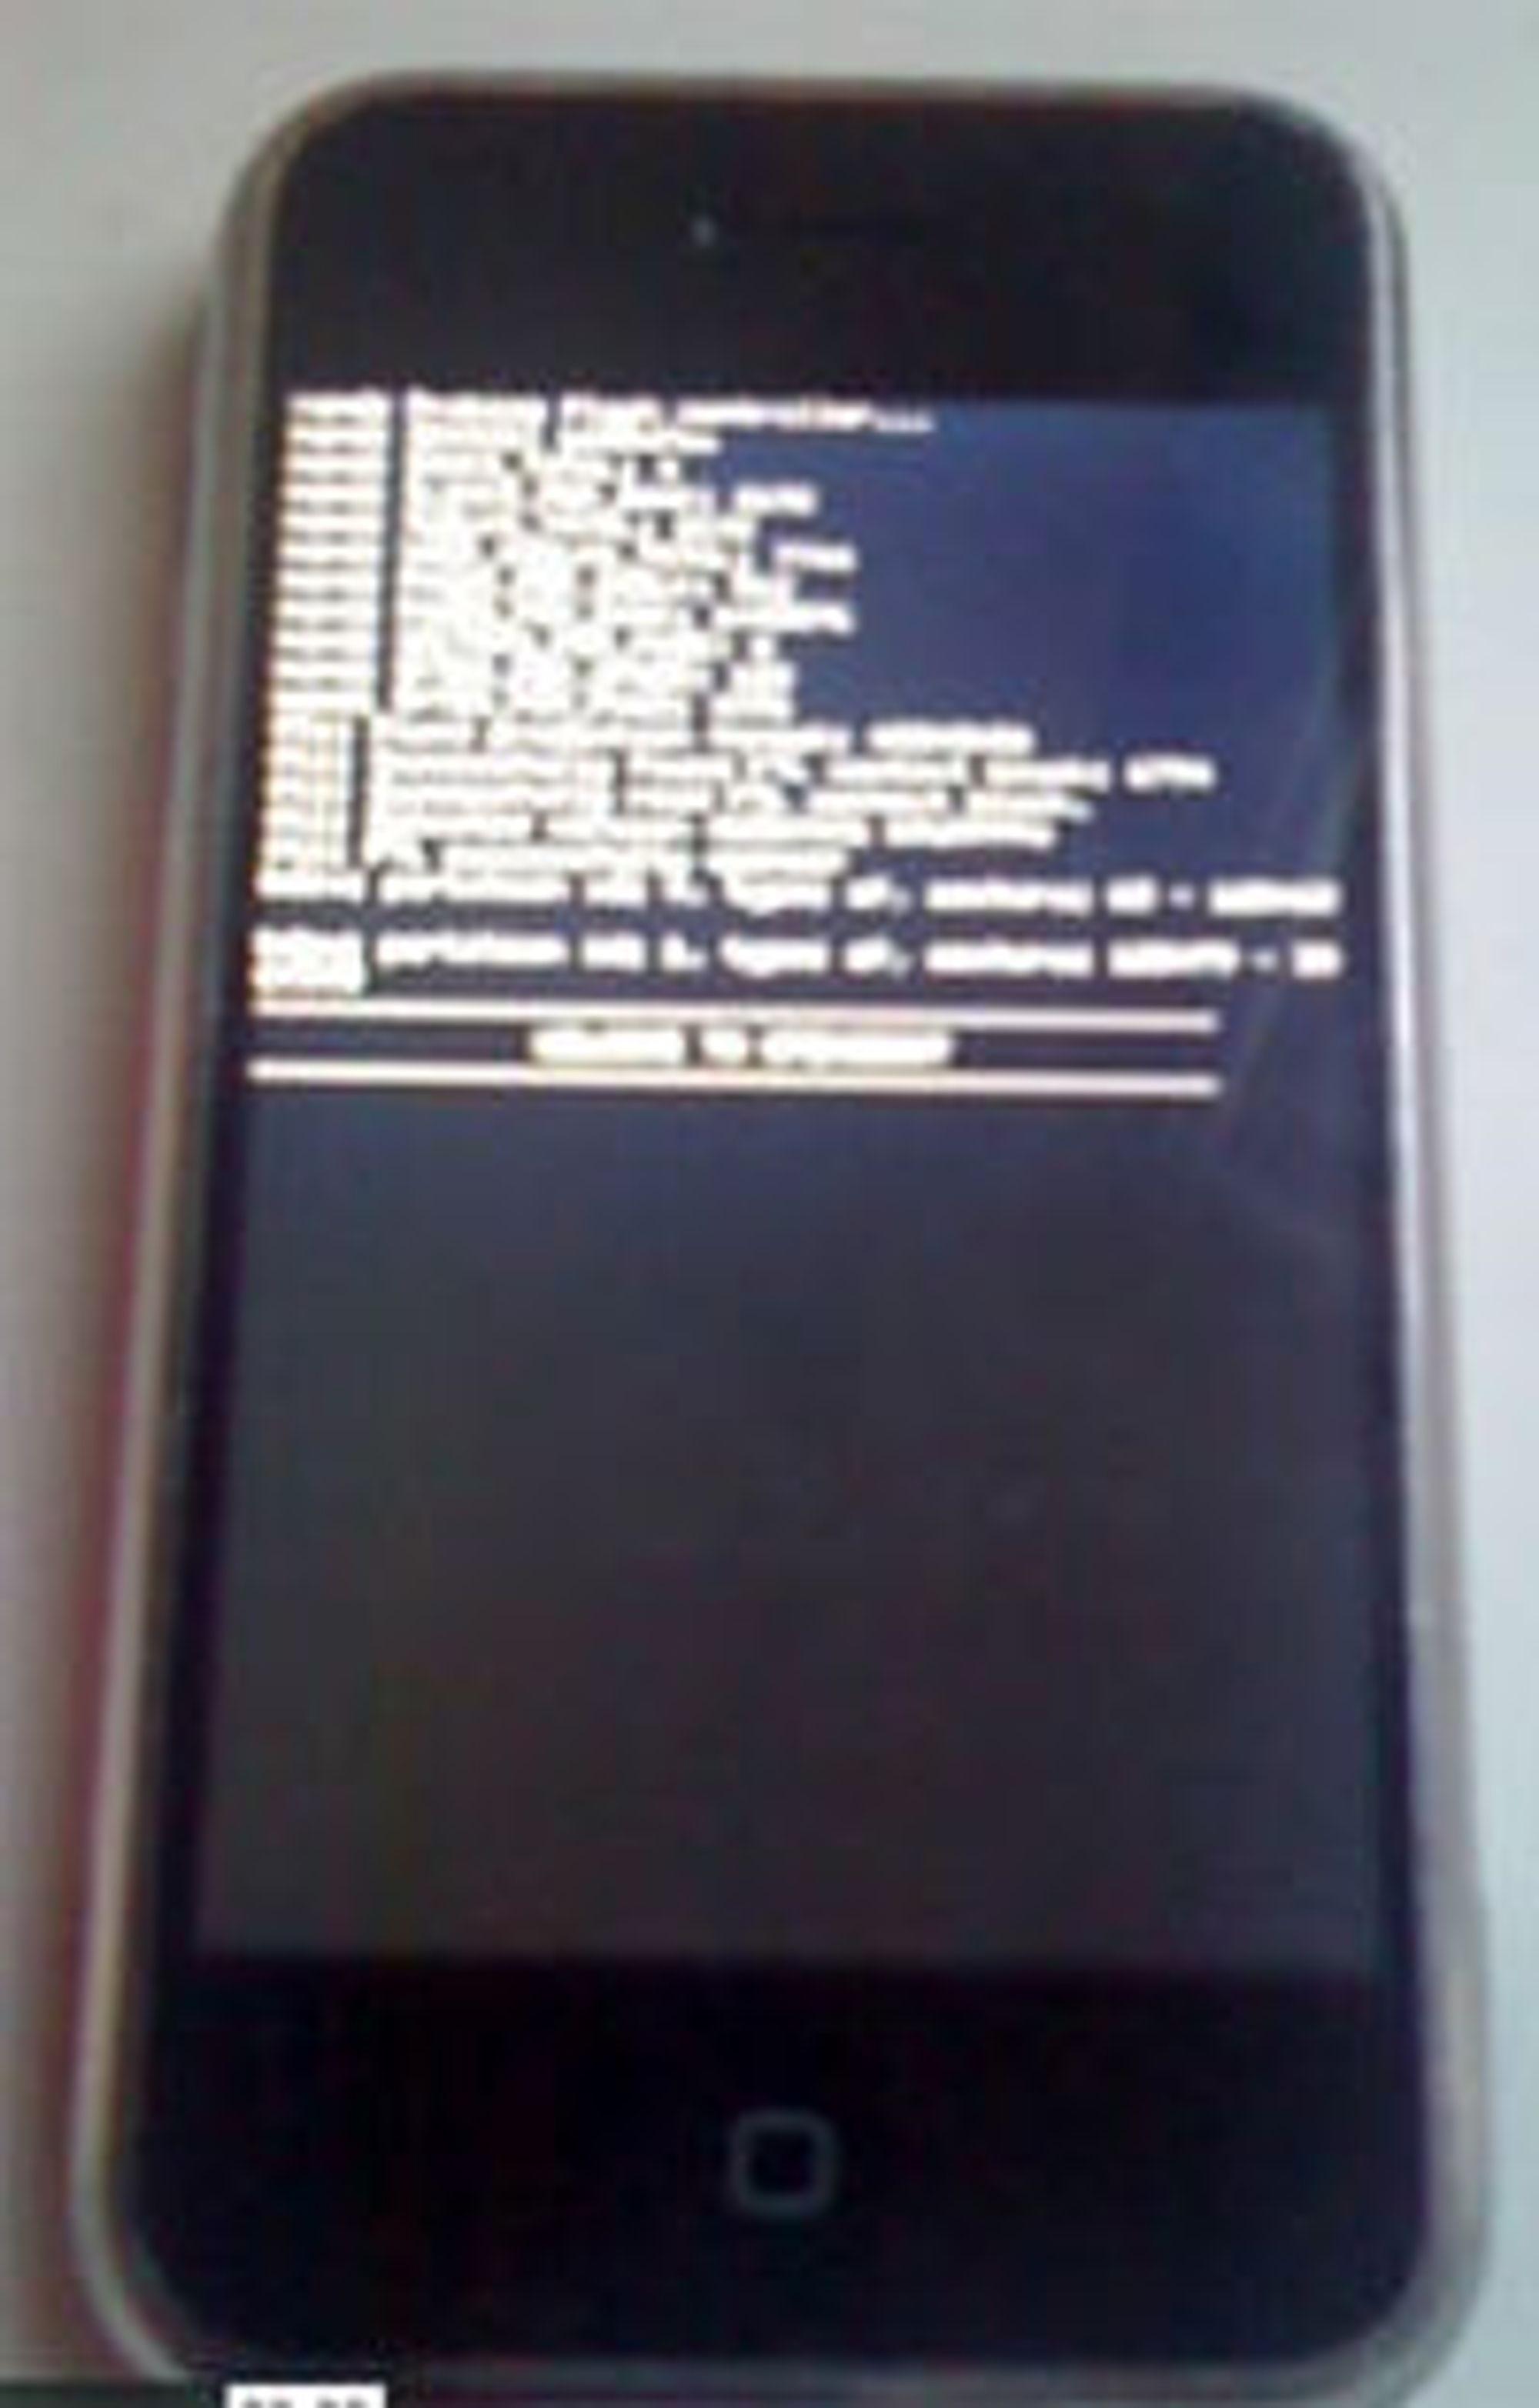 Fra videoen som demonstrerer Linux på iPhone.